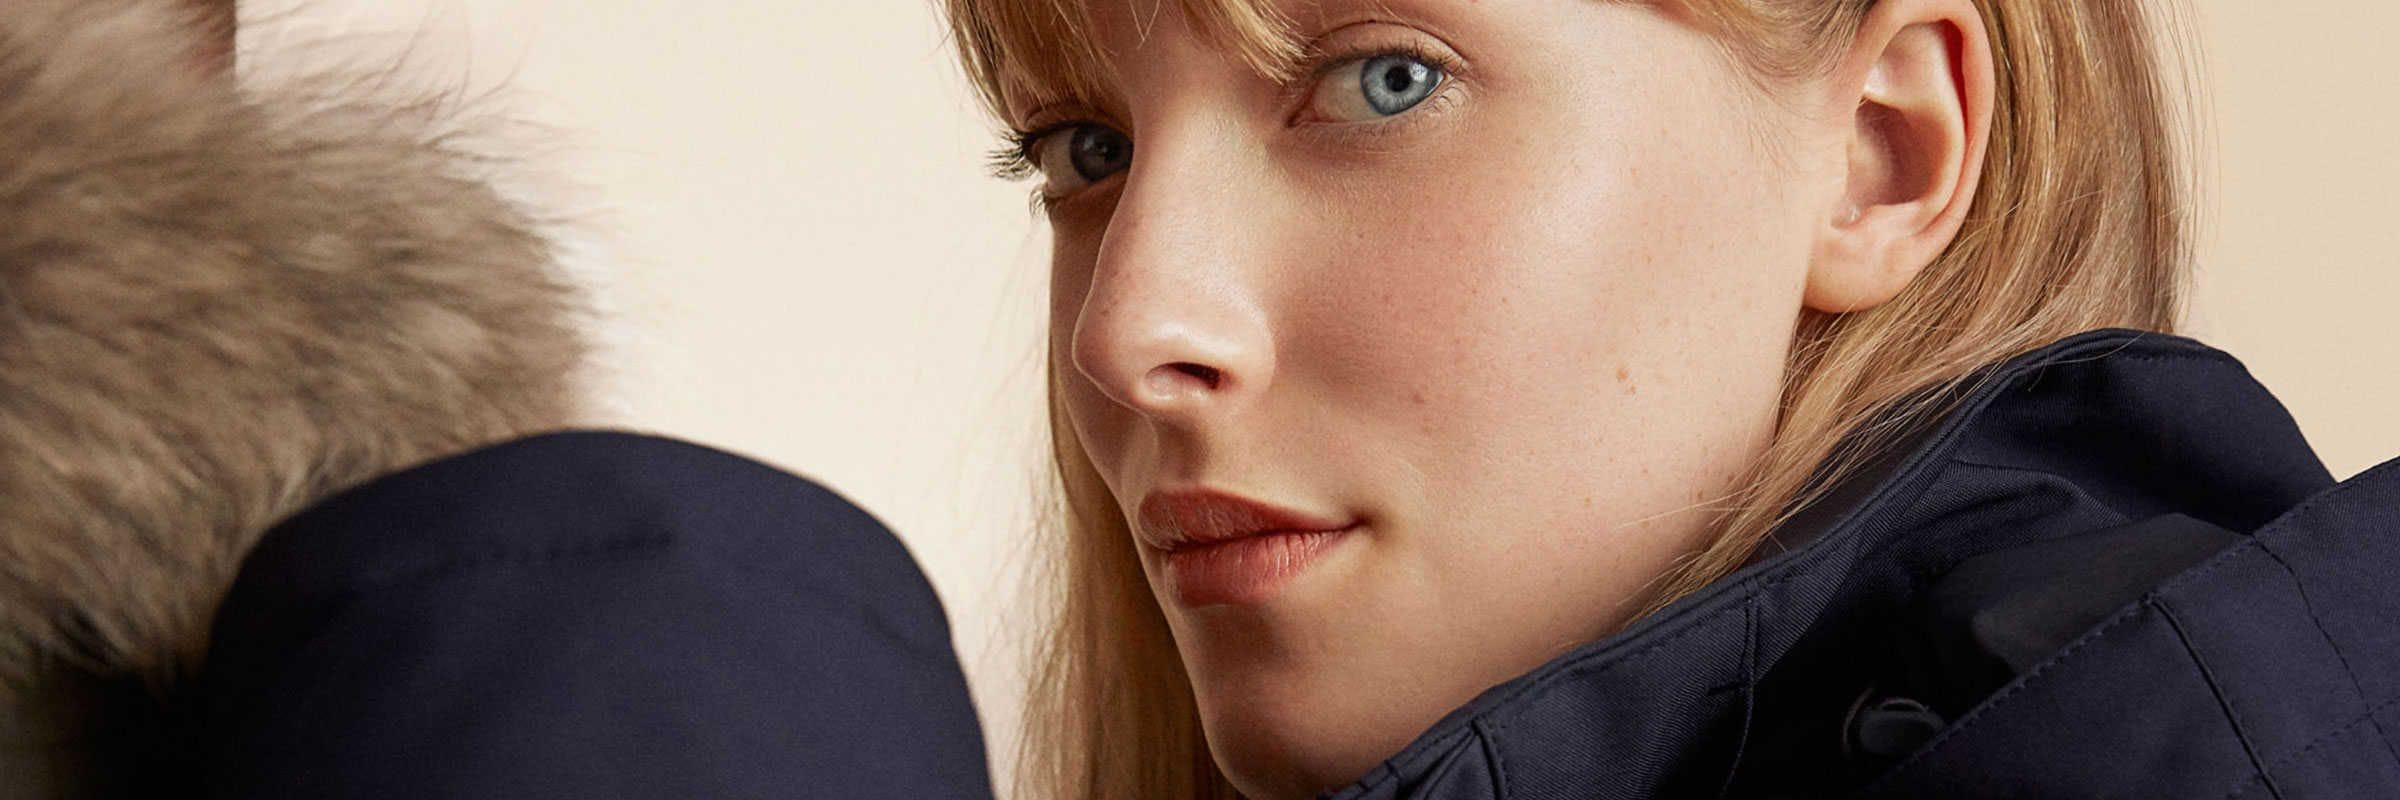 Quartz Co. : une marque québécoise de manteaux pour braver l'hiver